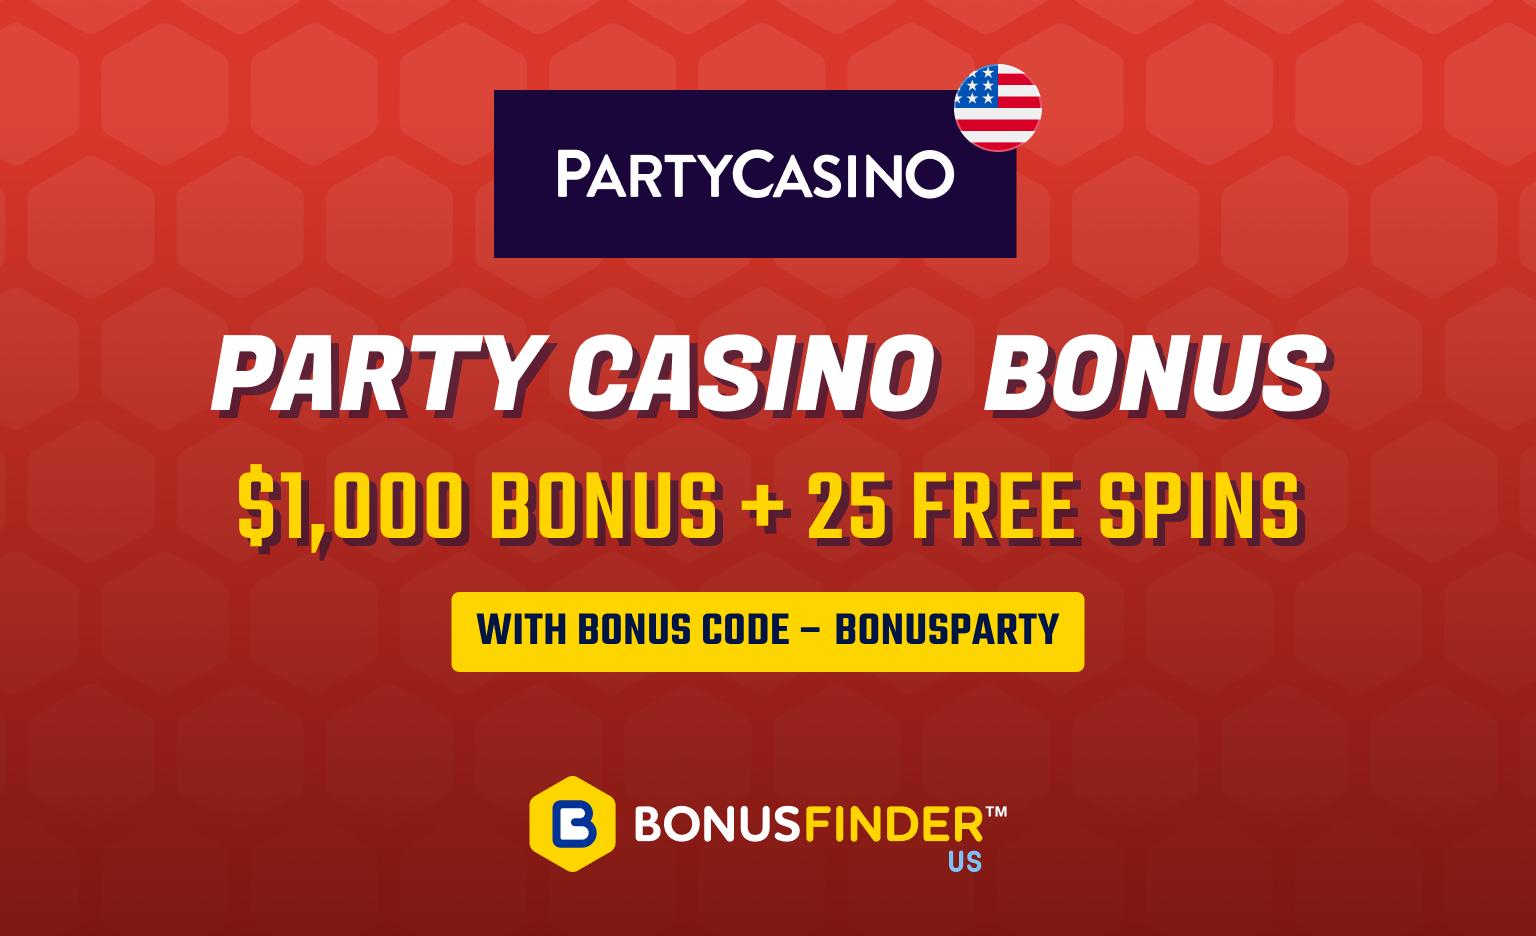 Party Casino Bonus Code